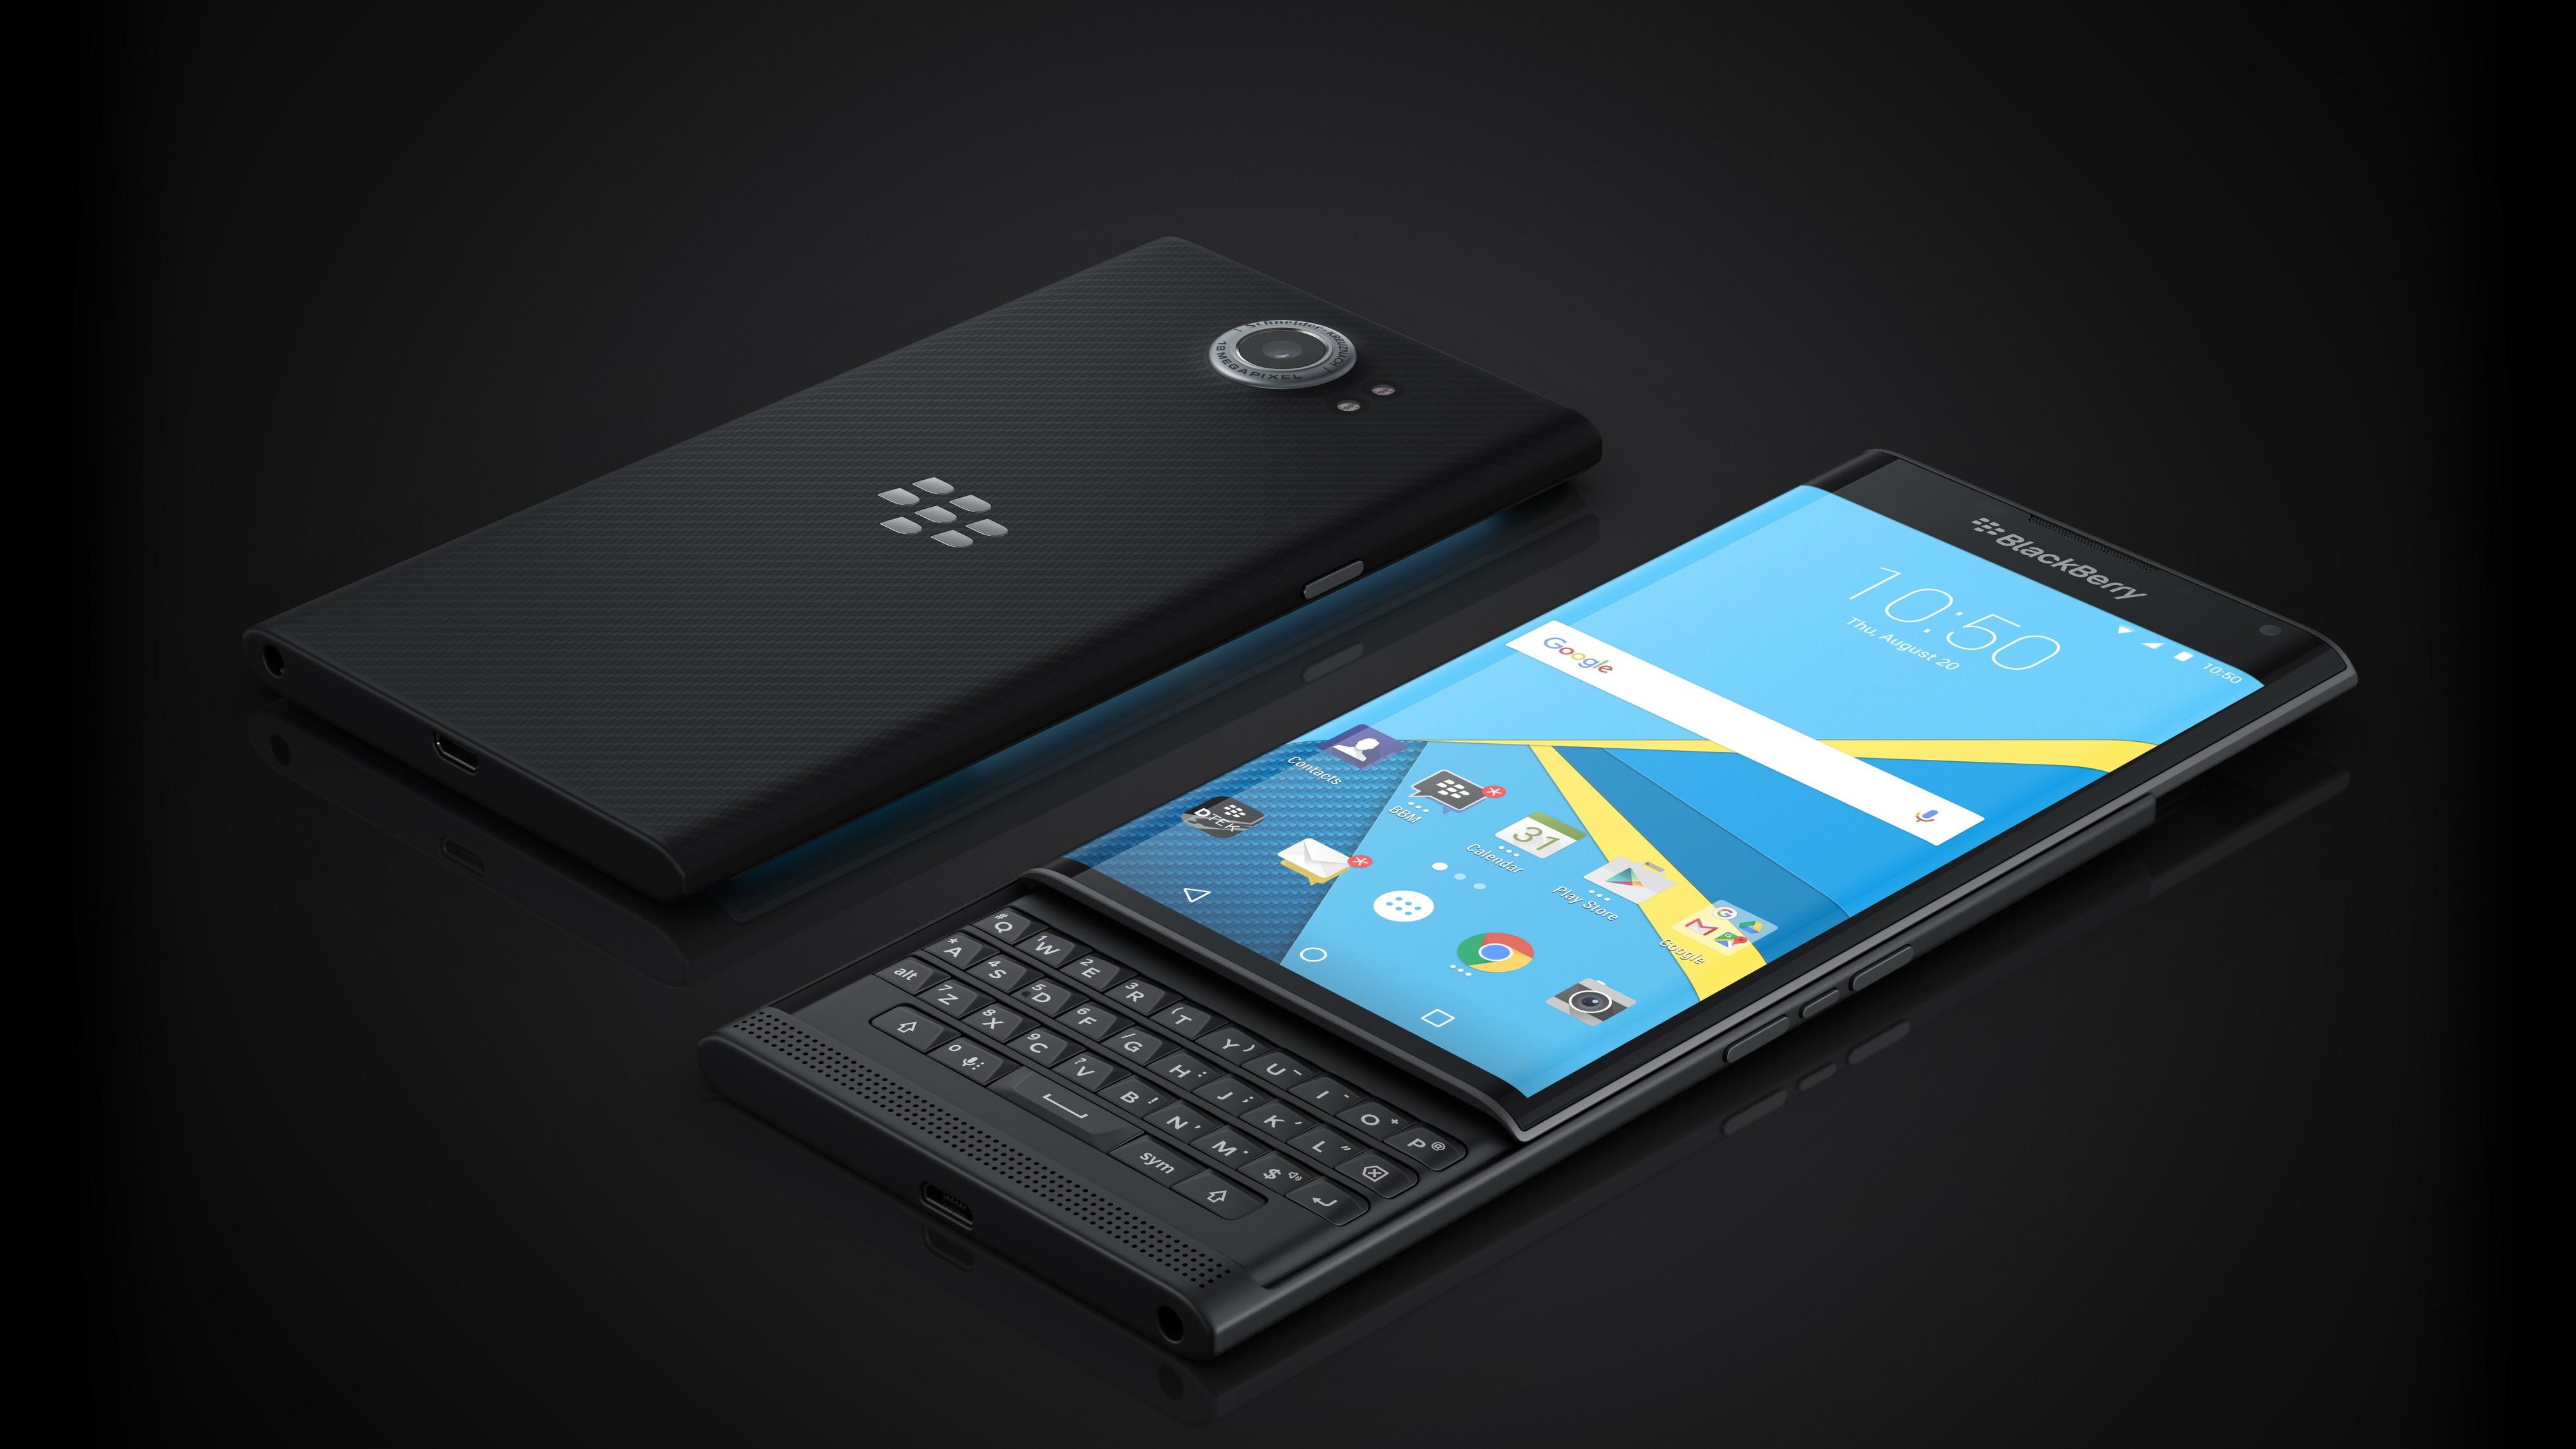 image001 - BlackBerry Priv - Liều thuốc tăng lực cho dâu đen